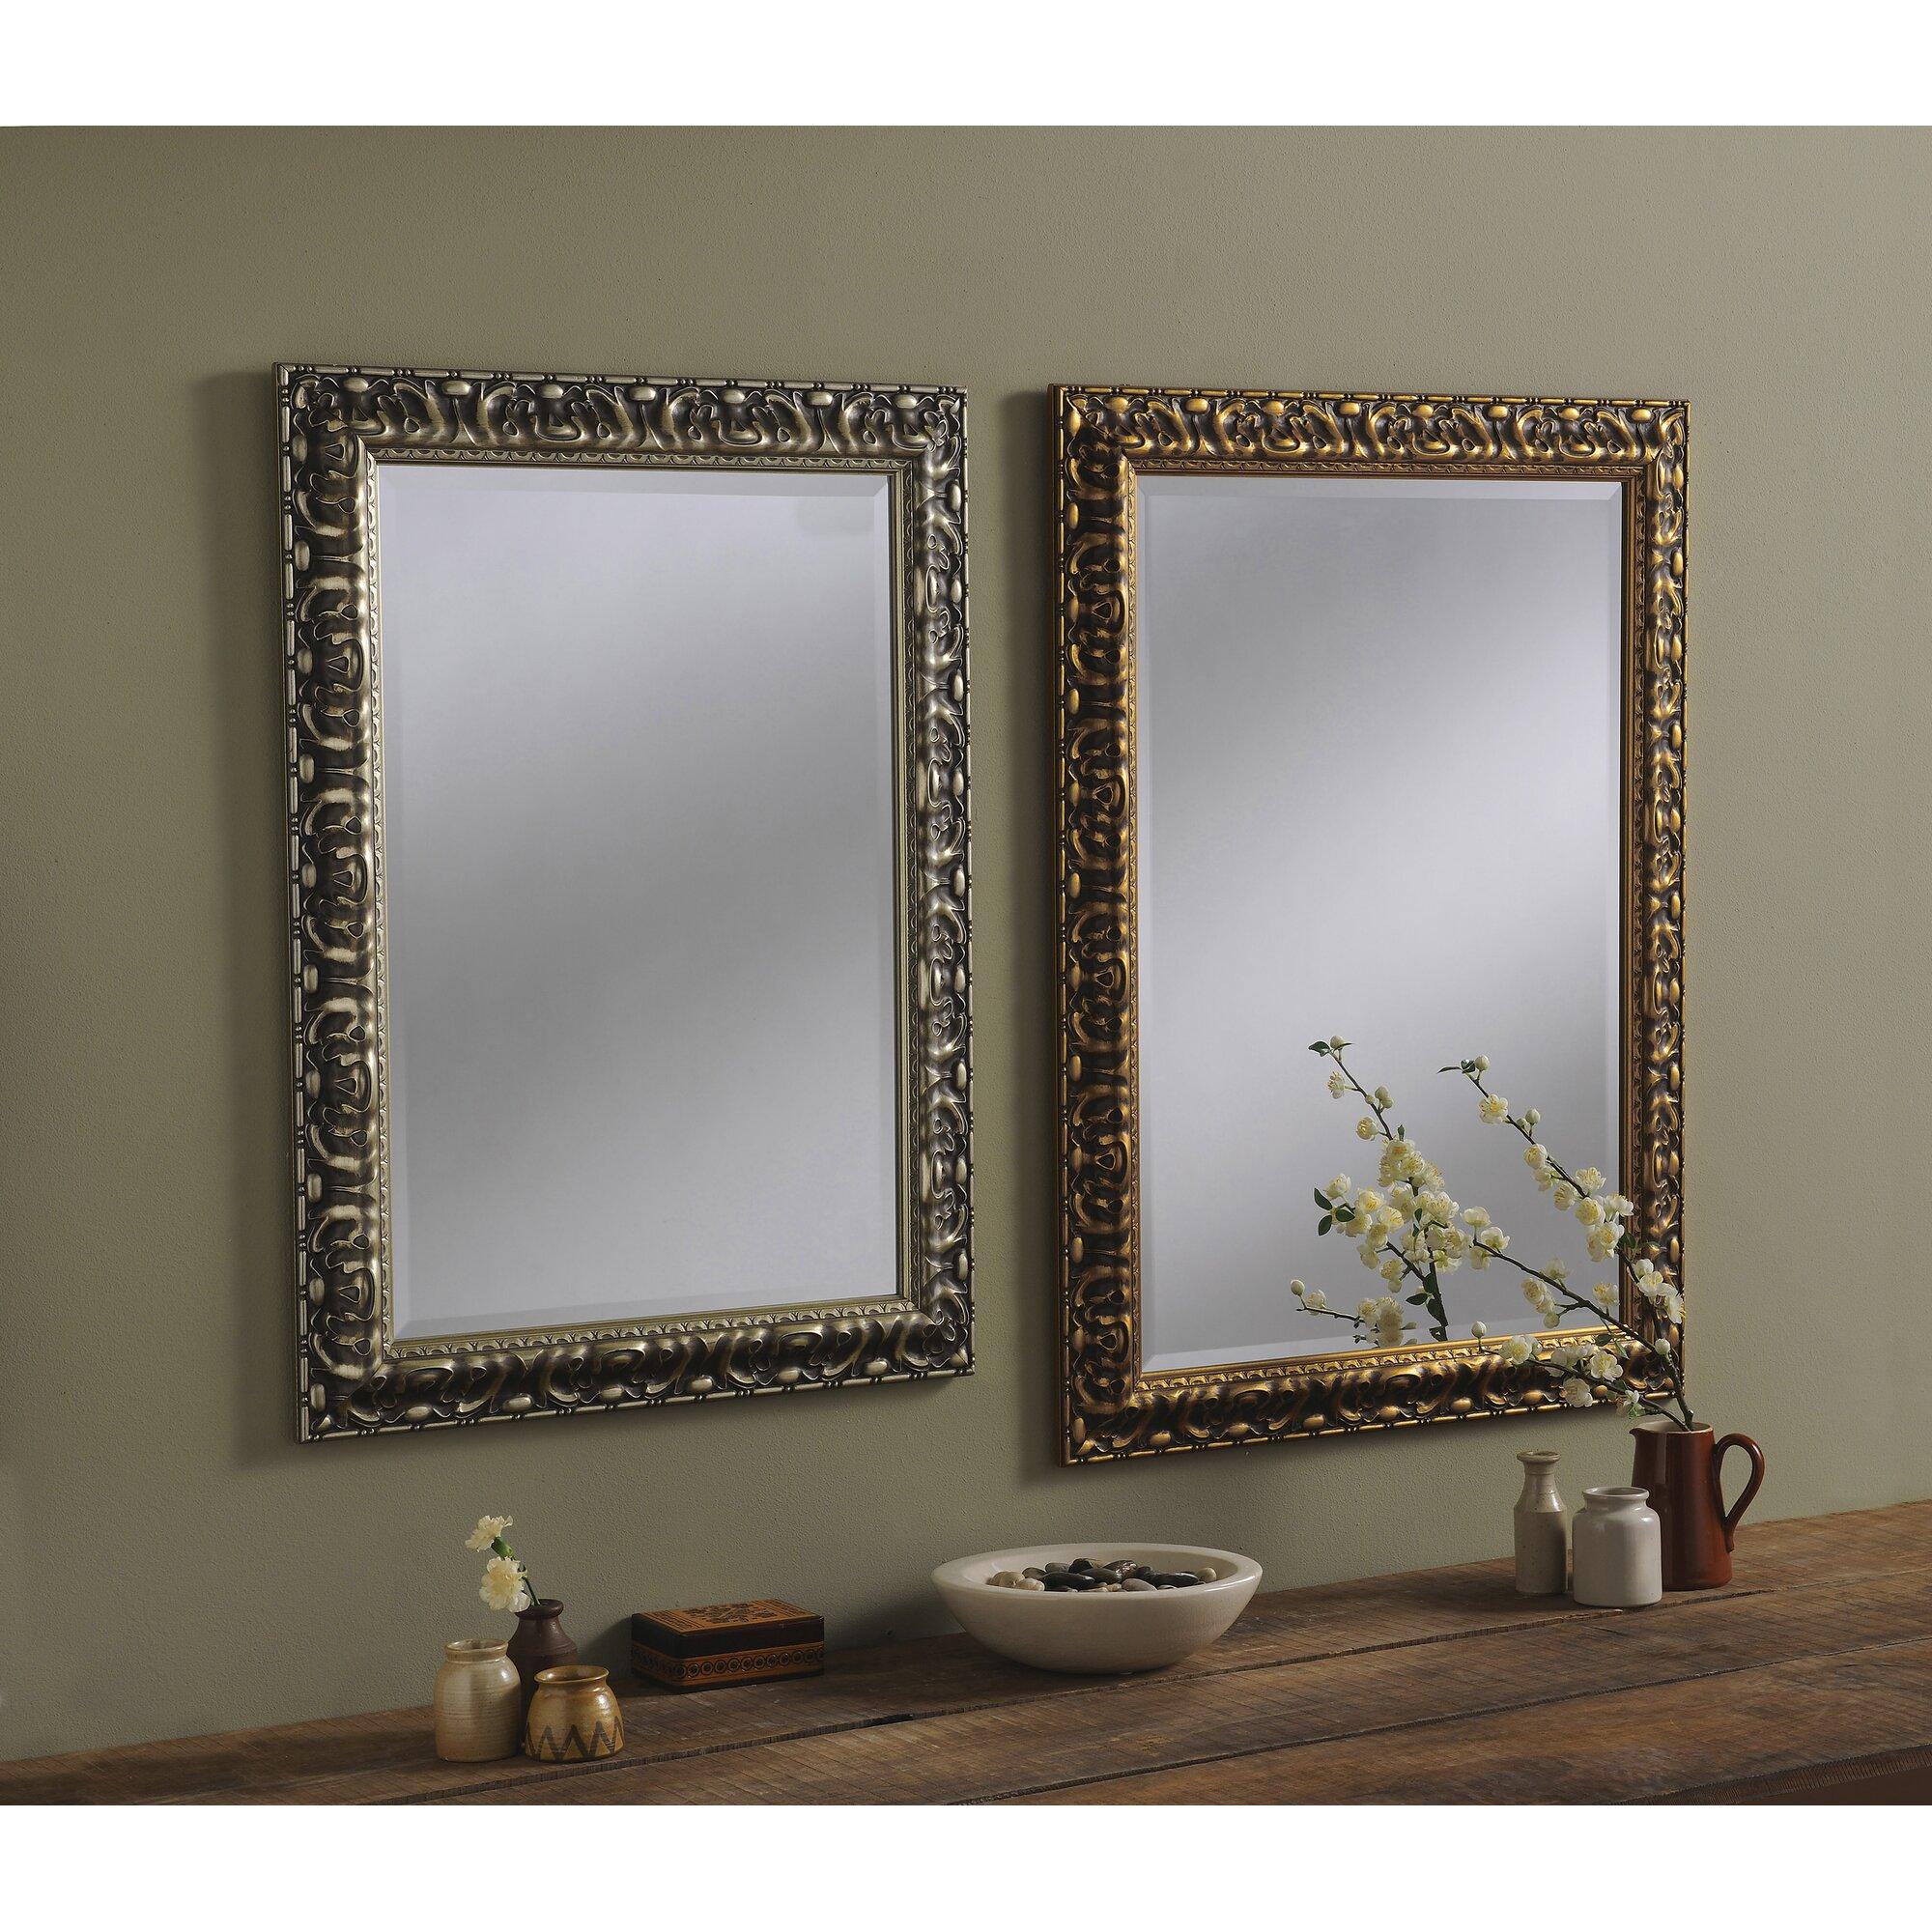 Yearn mirrors traditioneller spiegel bewertungen for Spiegel suche